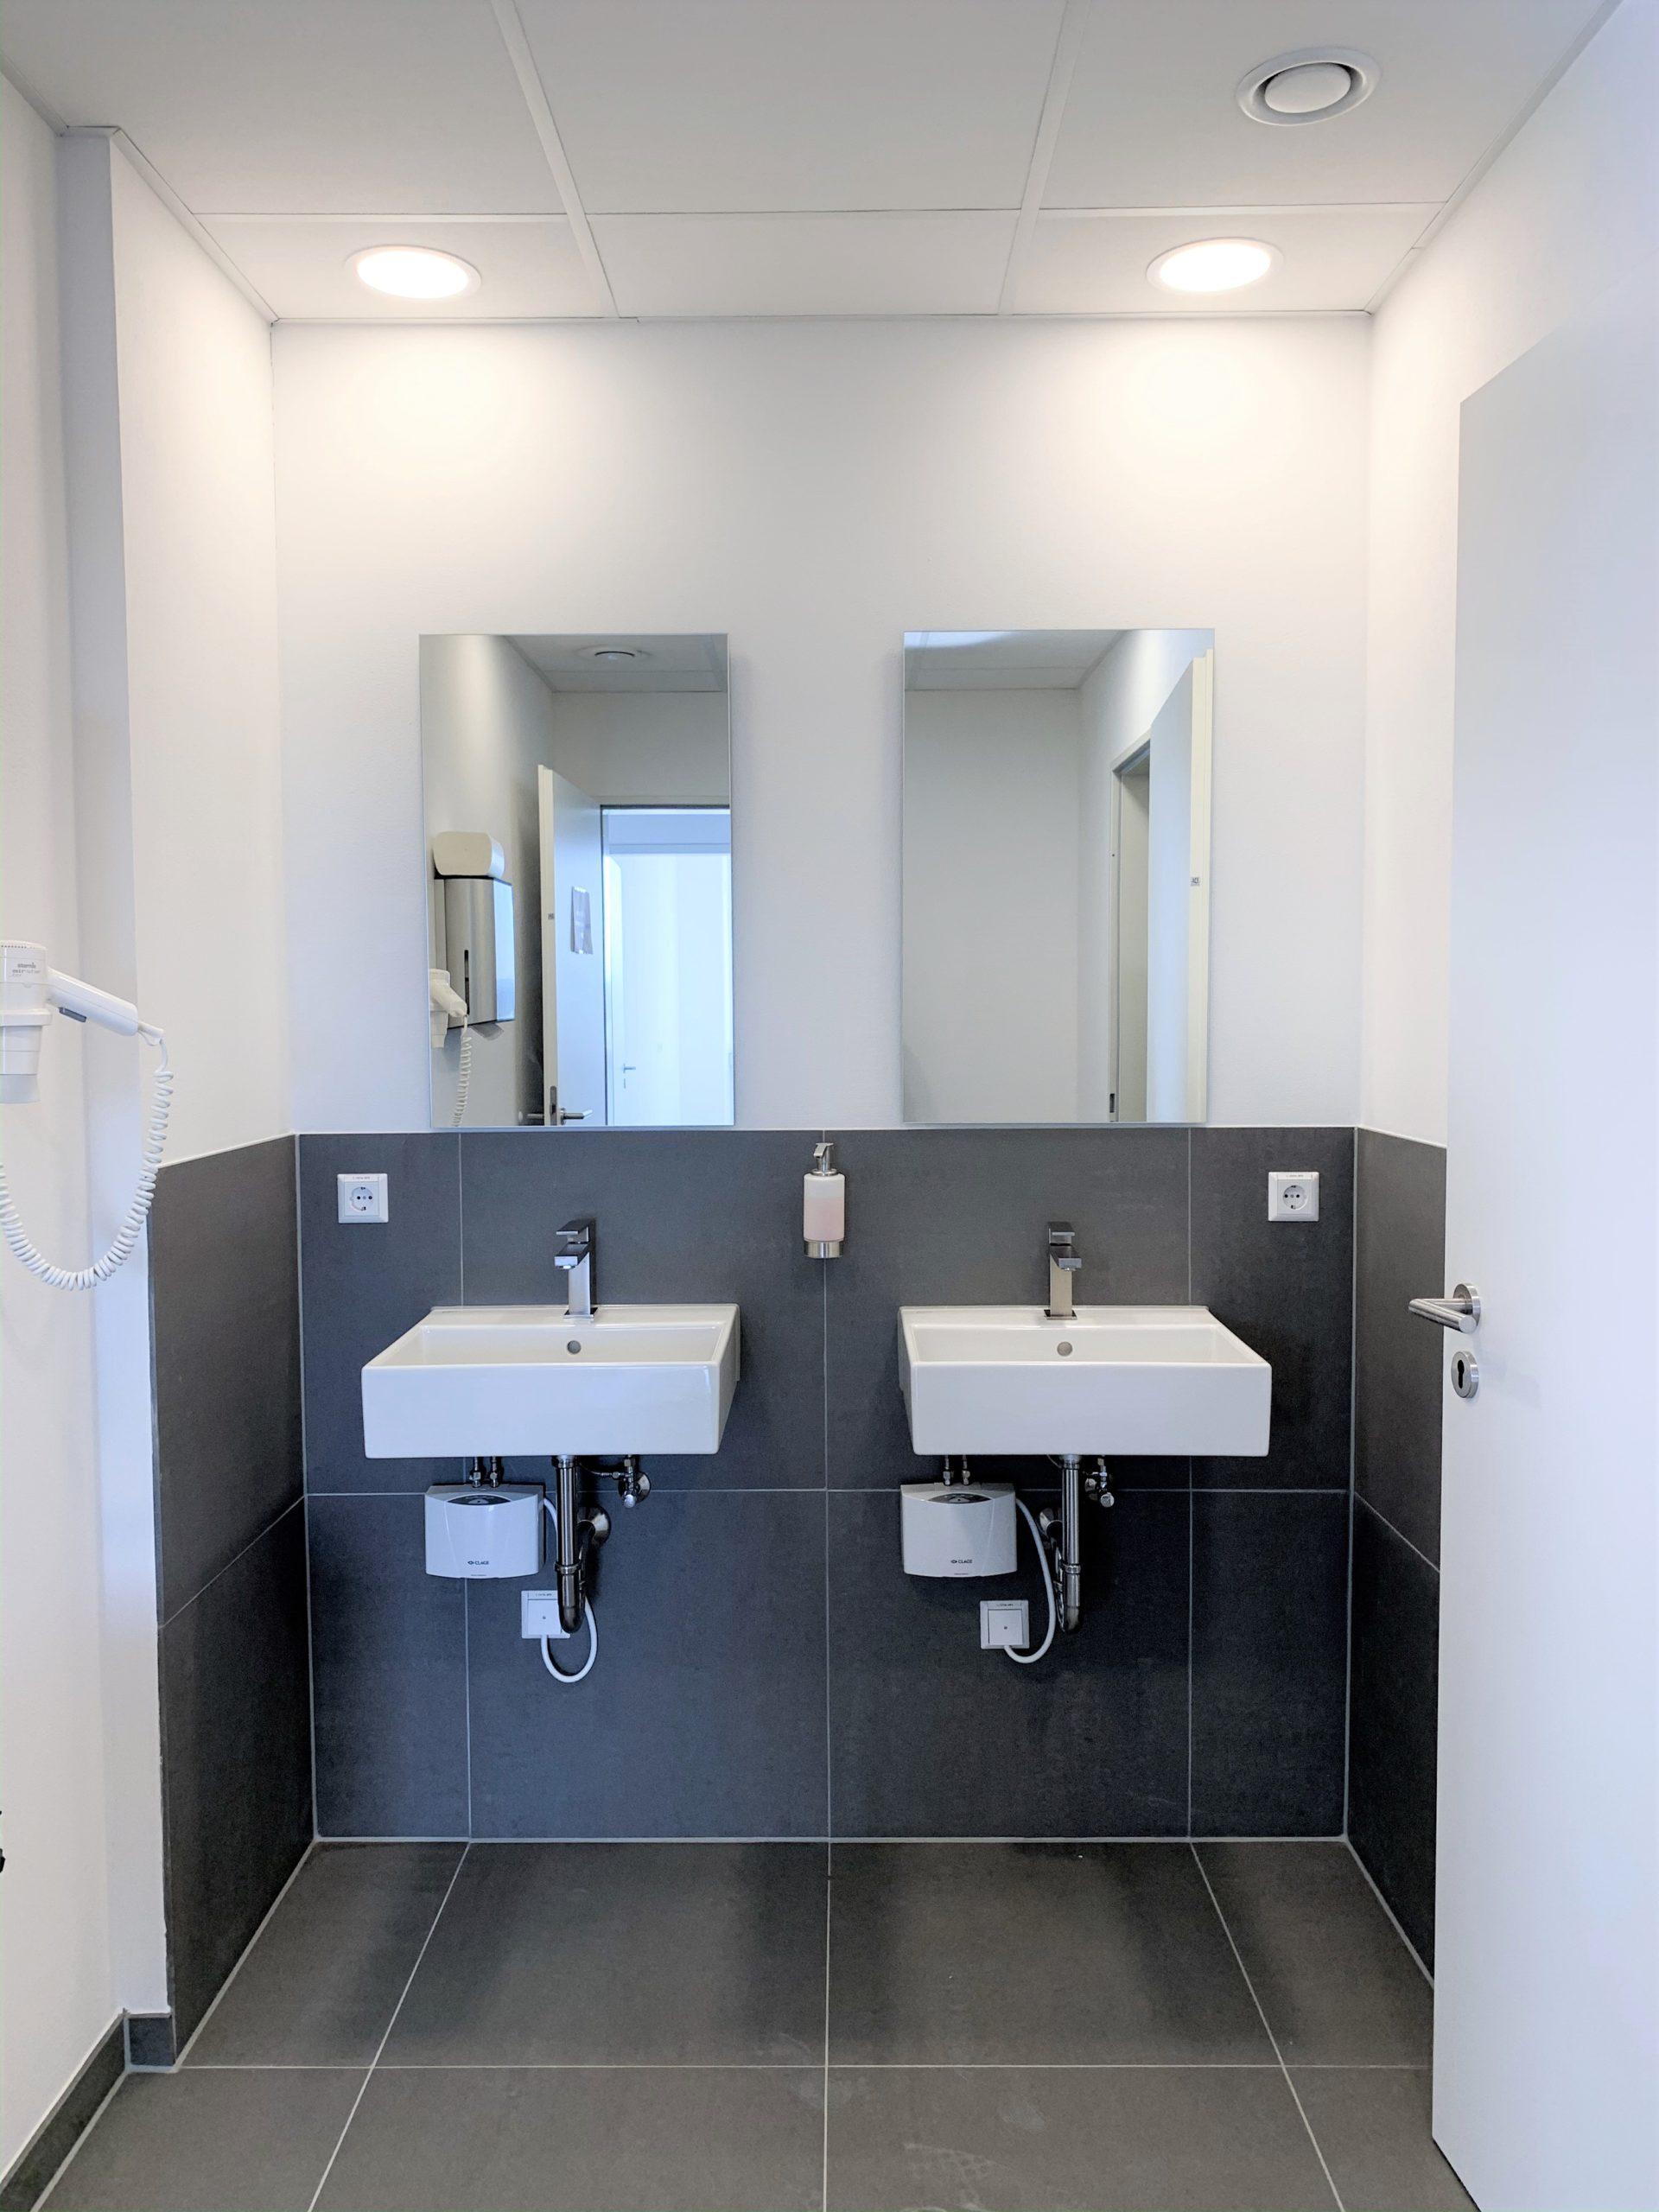 Sanitäranlagen CB-tec GmbH